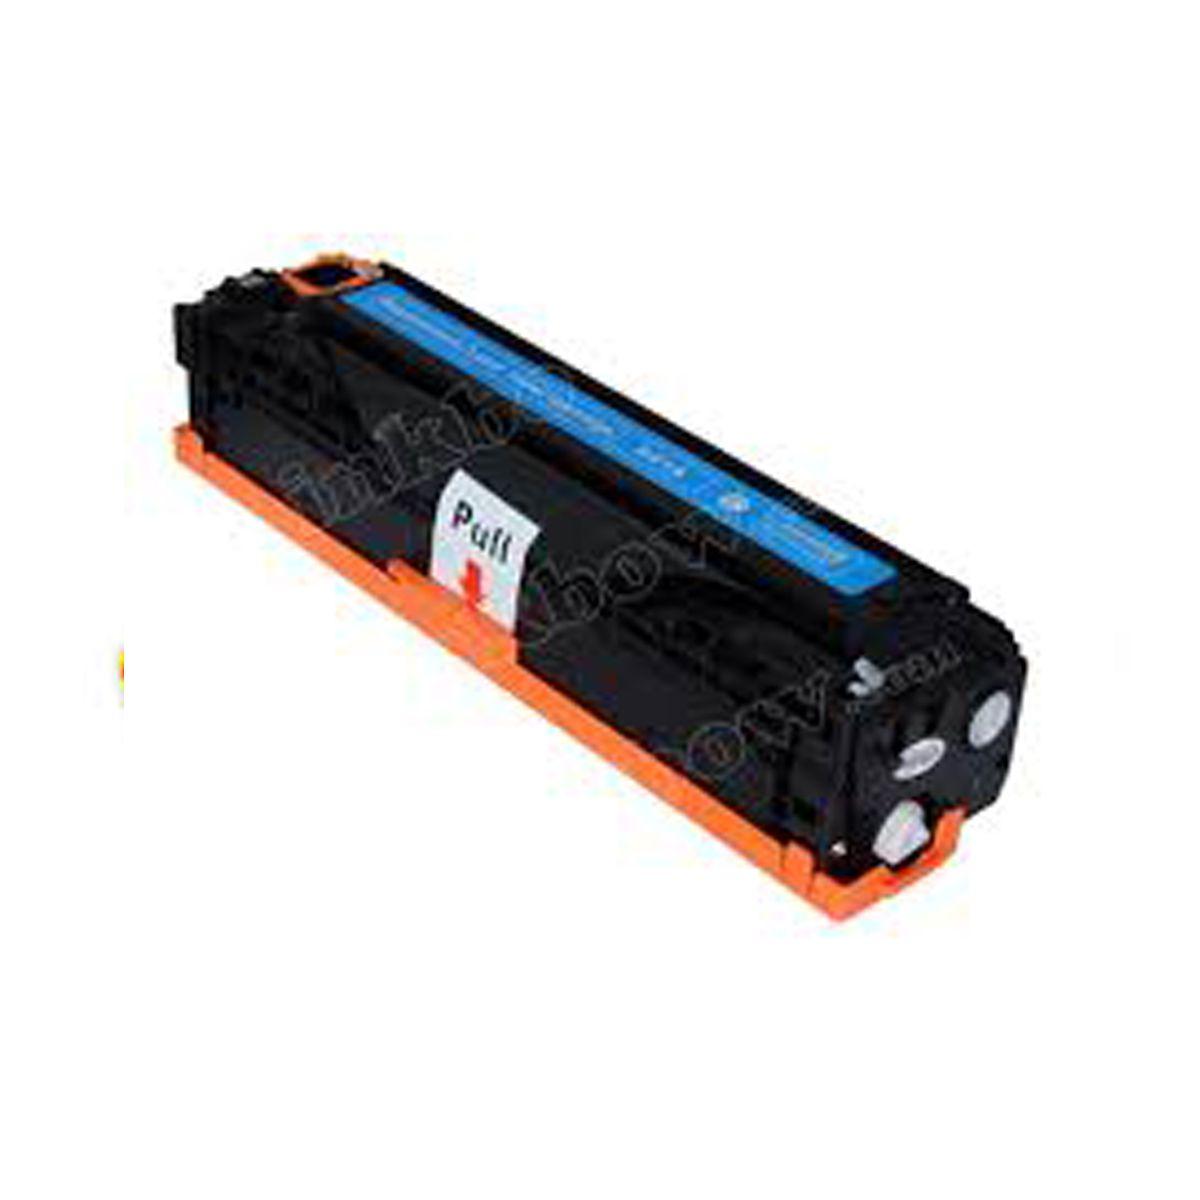 Toner CB541A CB541 541 125A Ciano - CP1215 CP1510 CP1515 CP1518 CM1312 - 1,4K